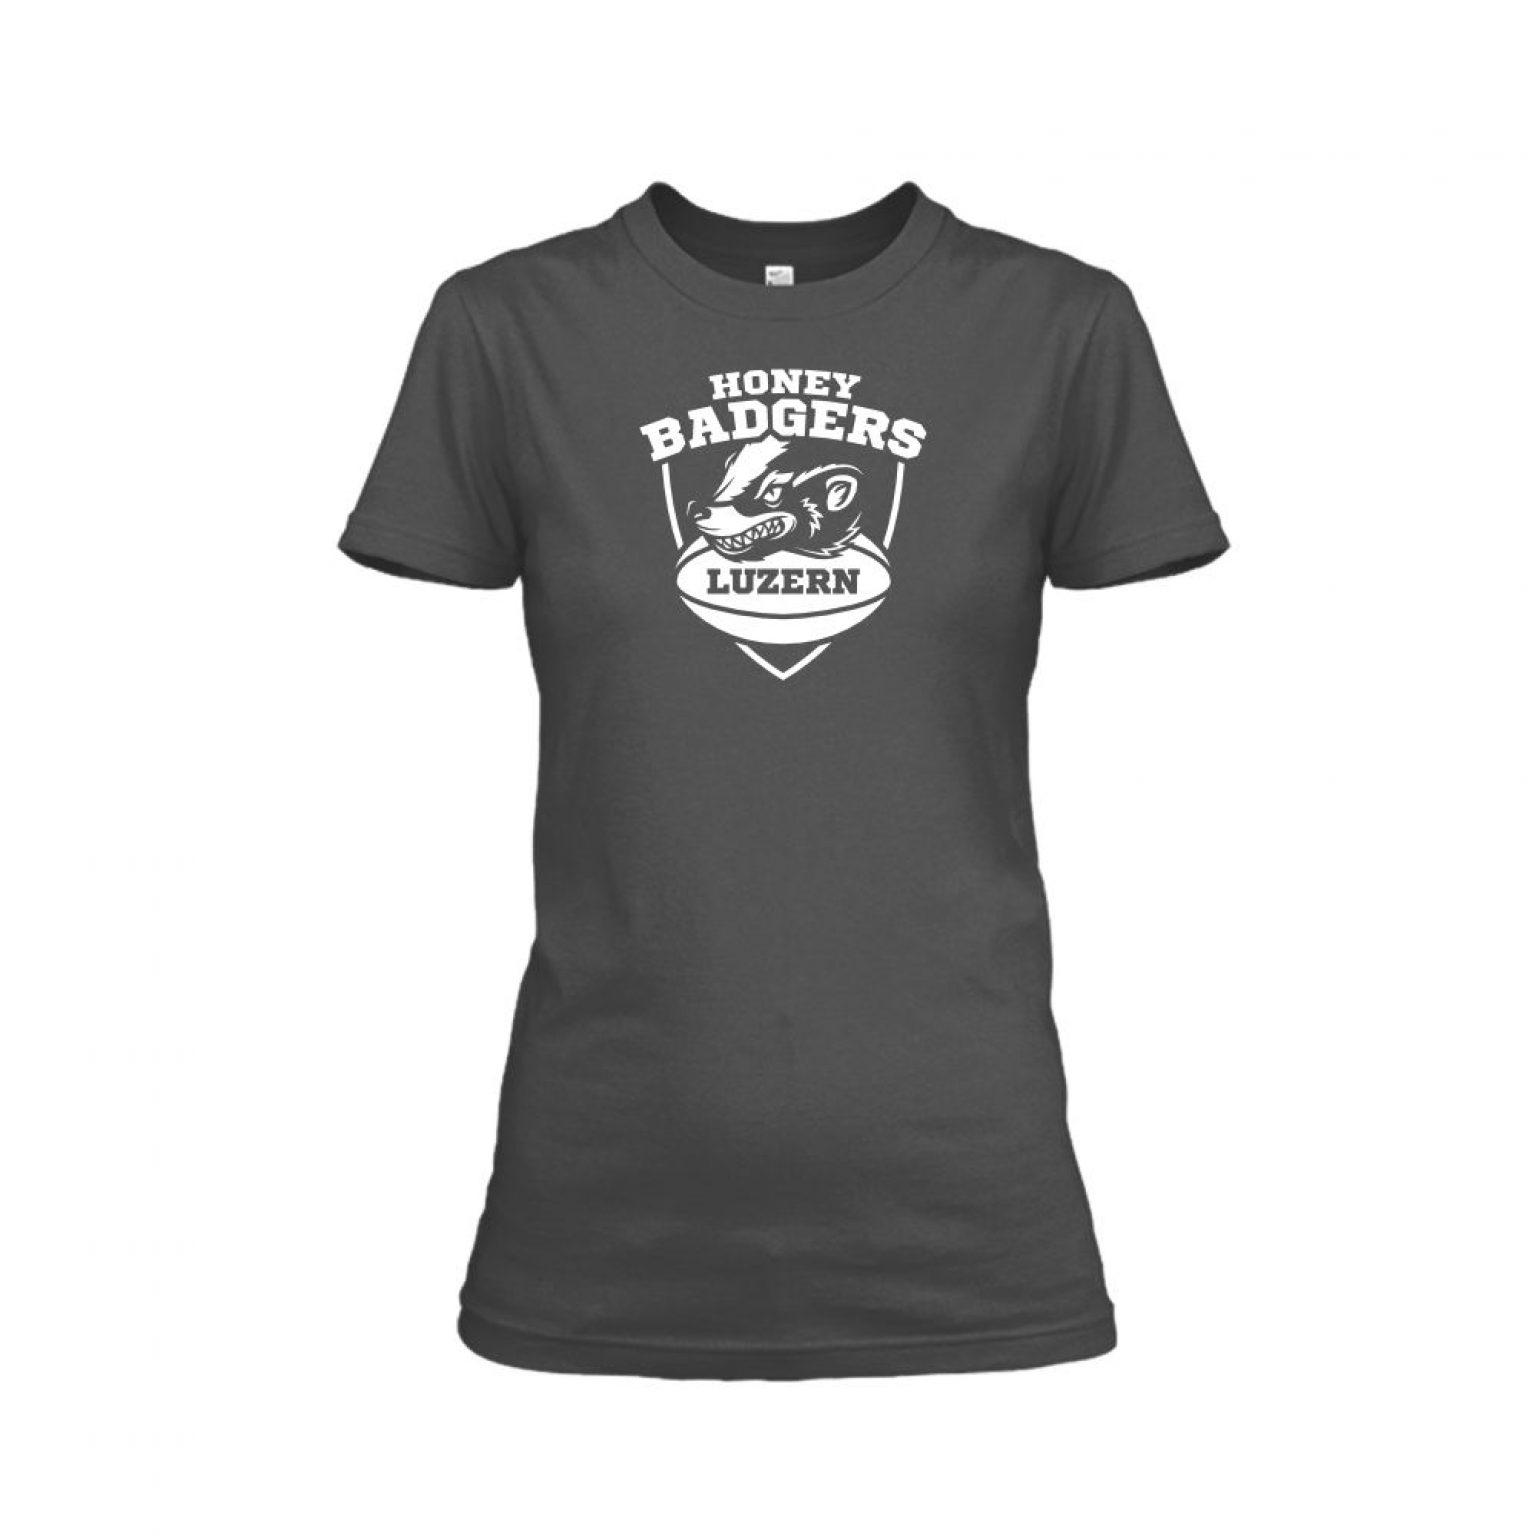 honeybadgerV2 shirt damen charcoal front